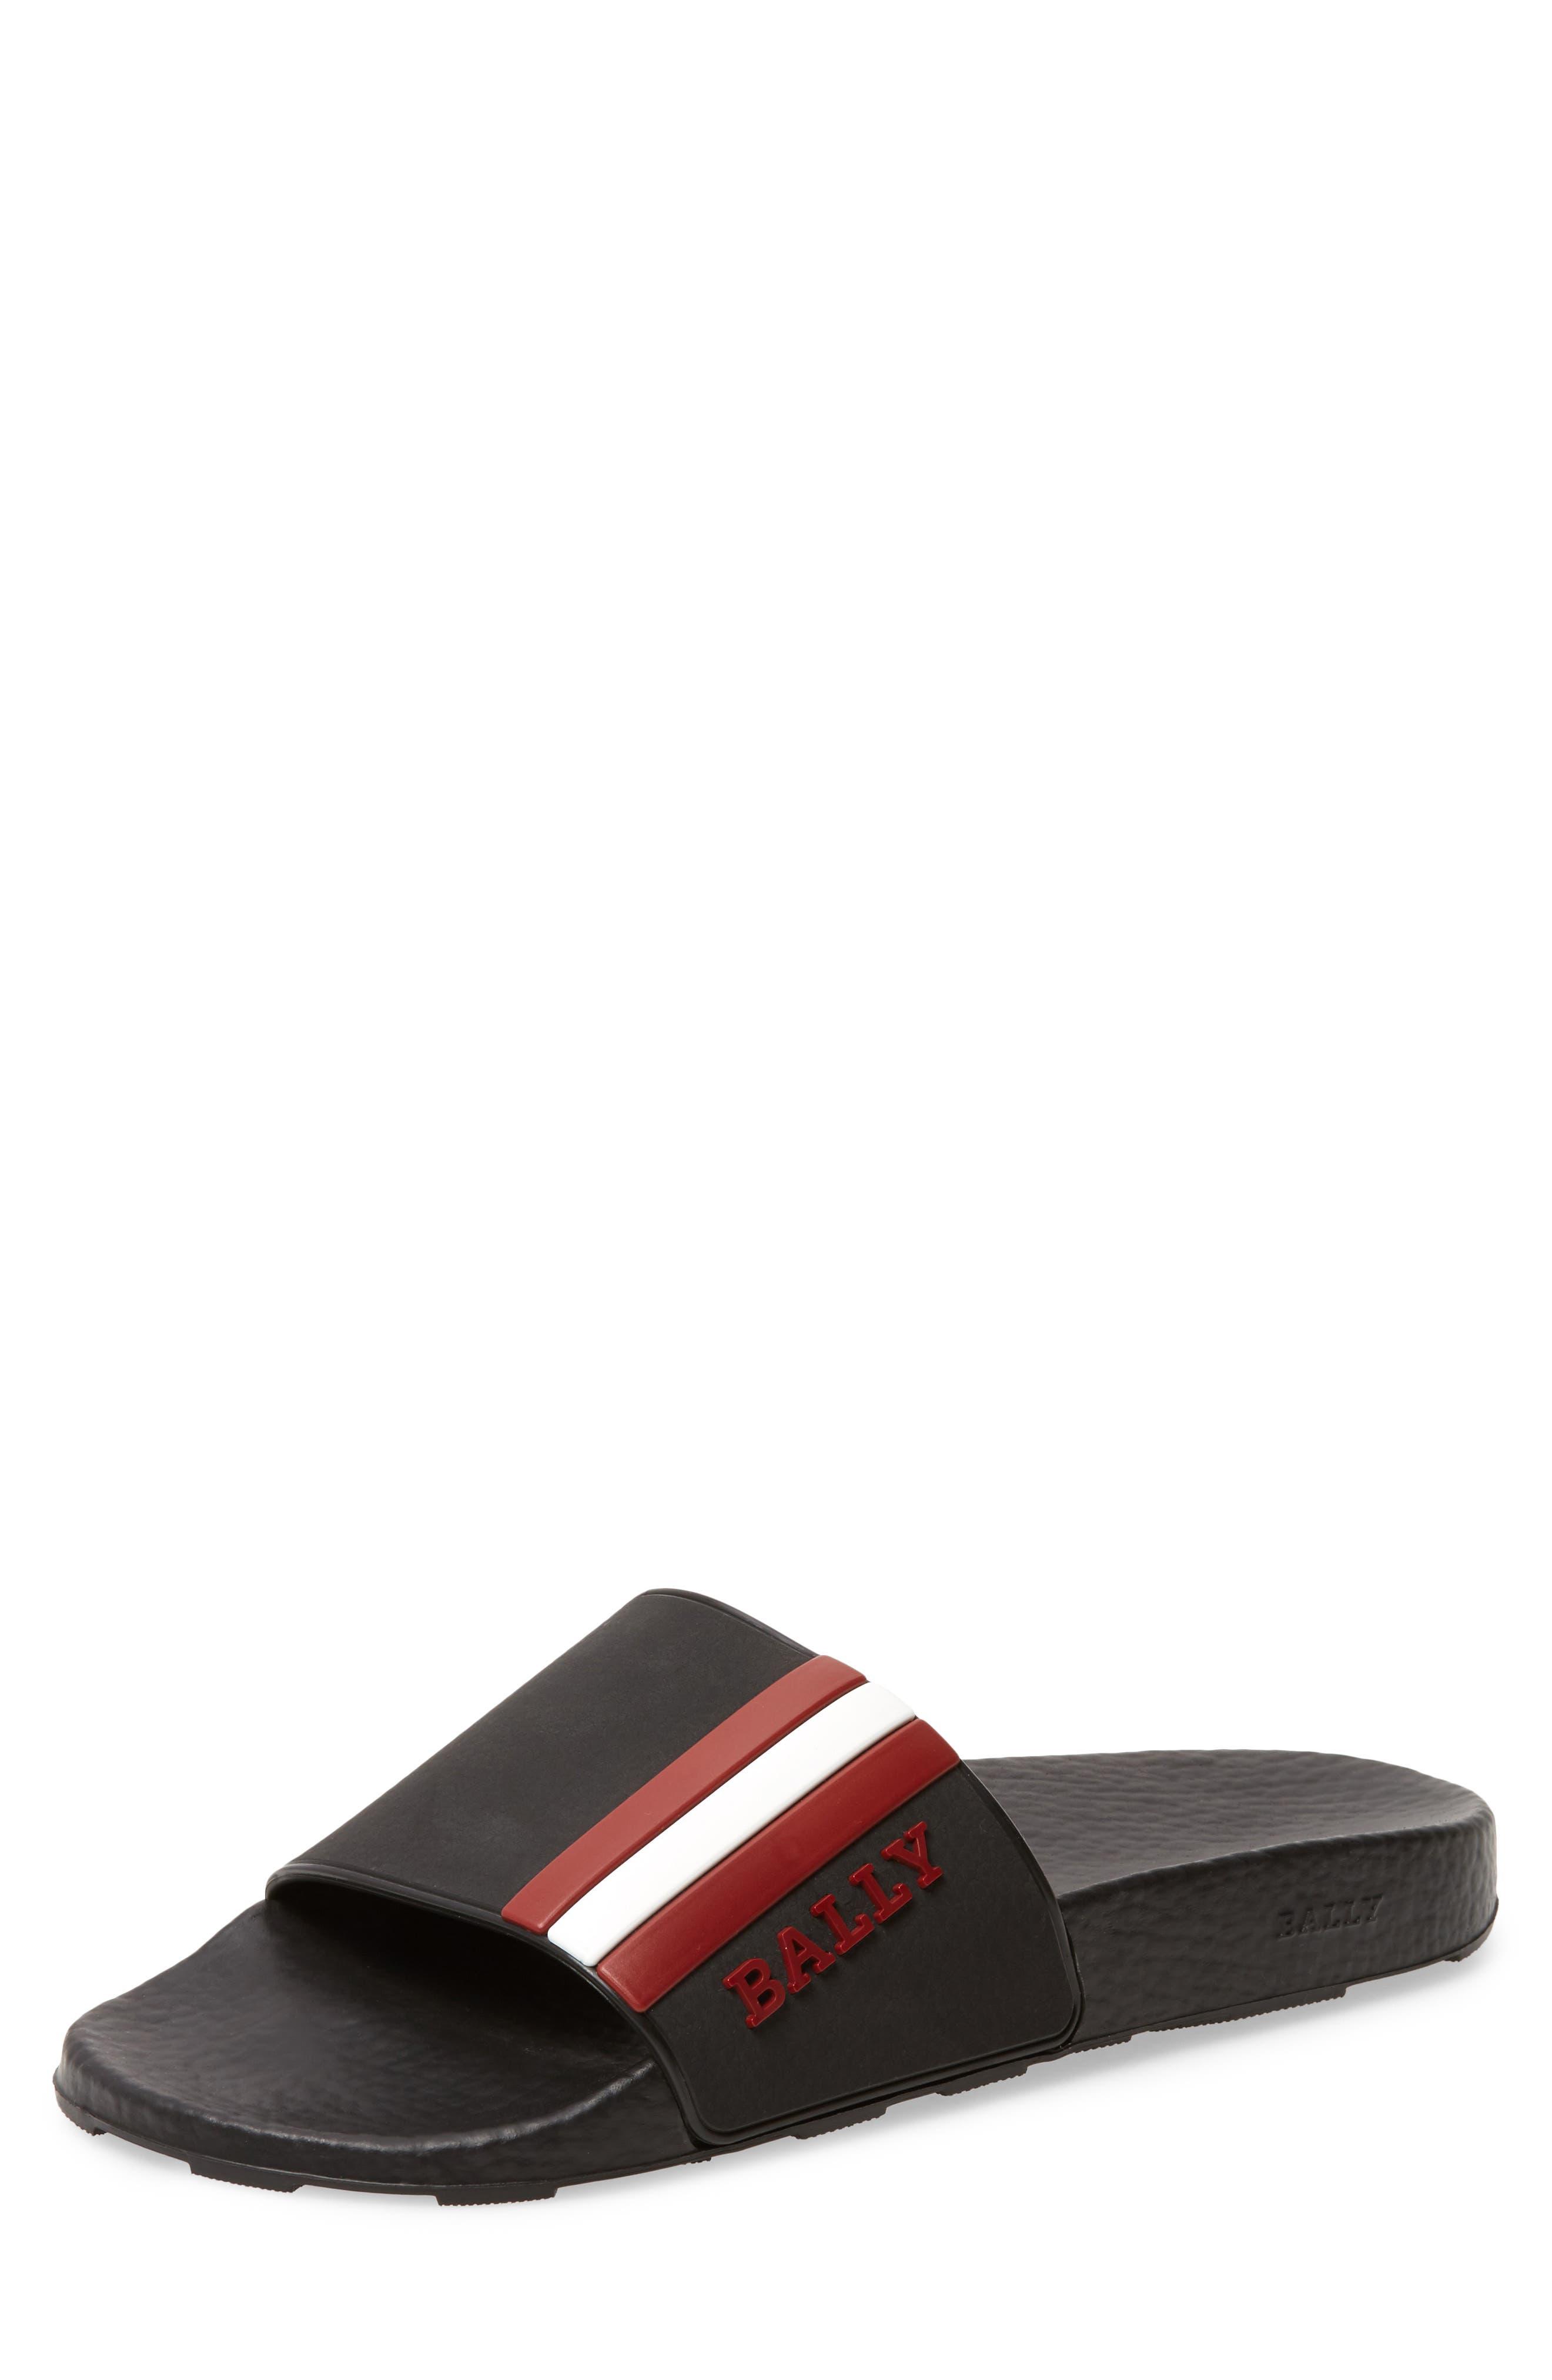 BALLY Saxor Slide Sandal, Main, color, 798